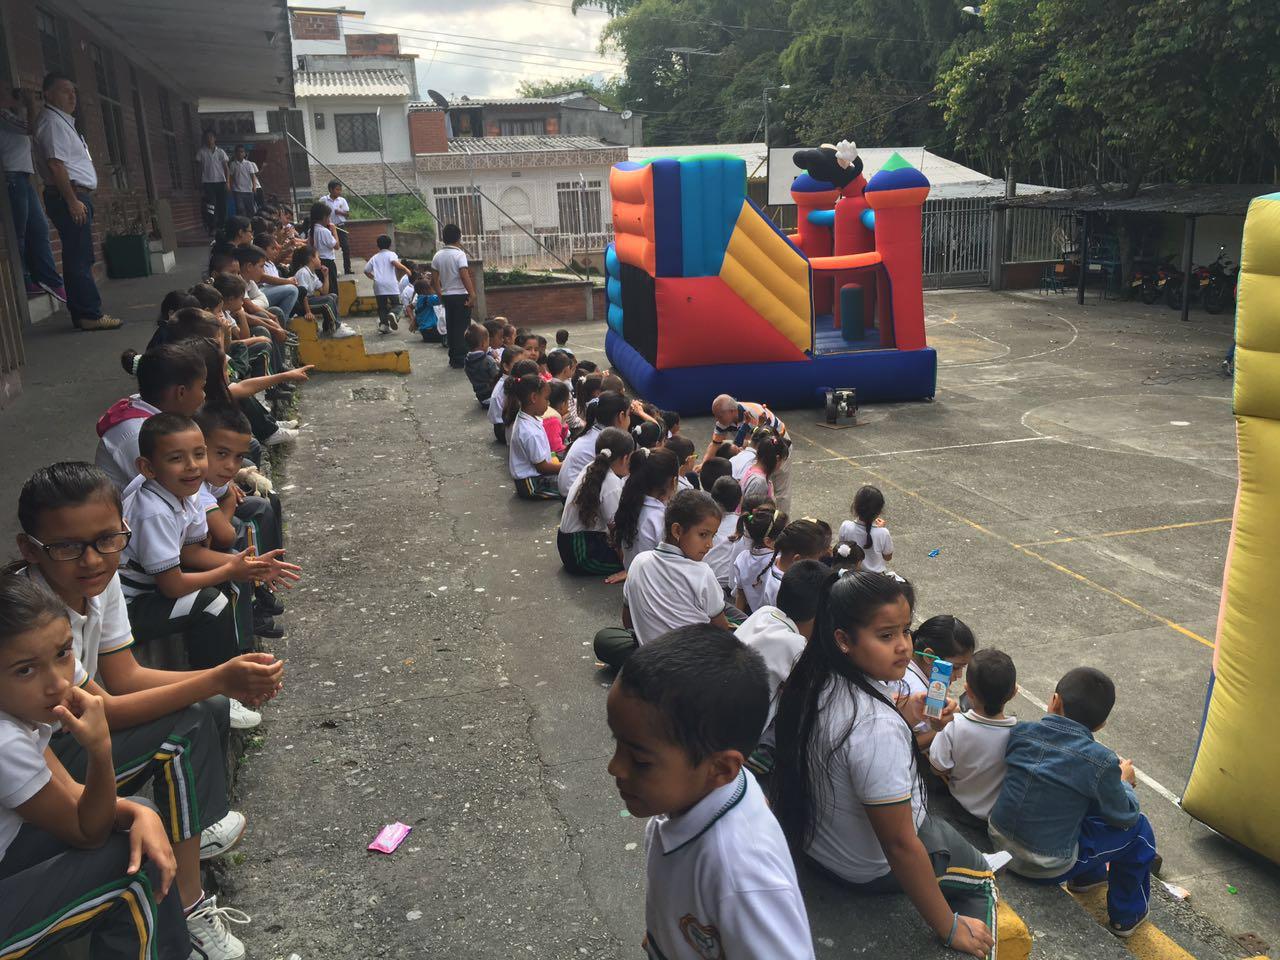 Imdera busca mitigar efectos del sedentarismo en los barrios